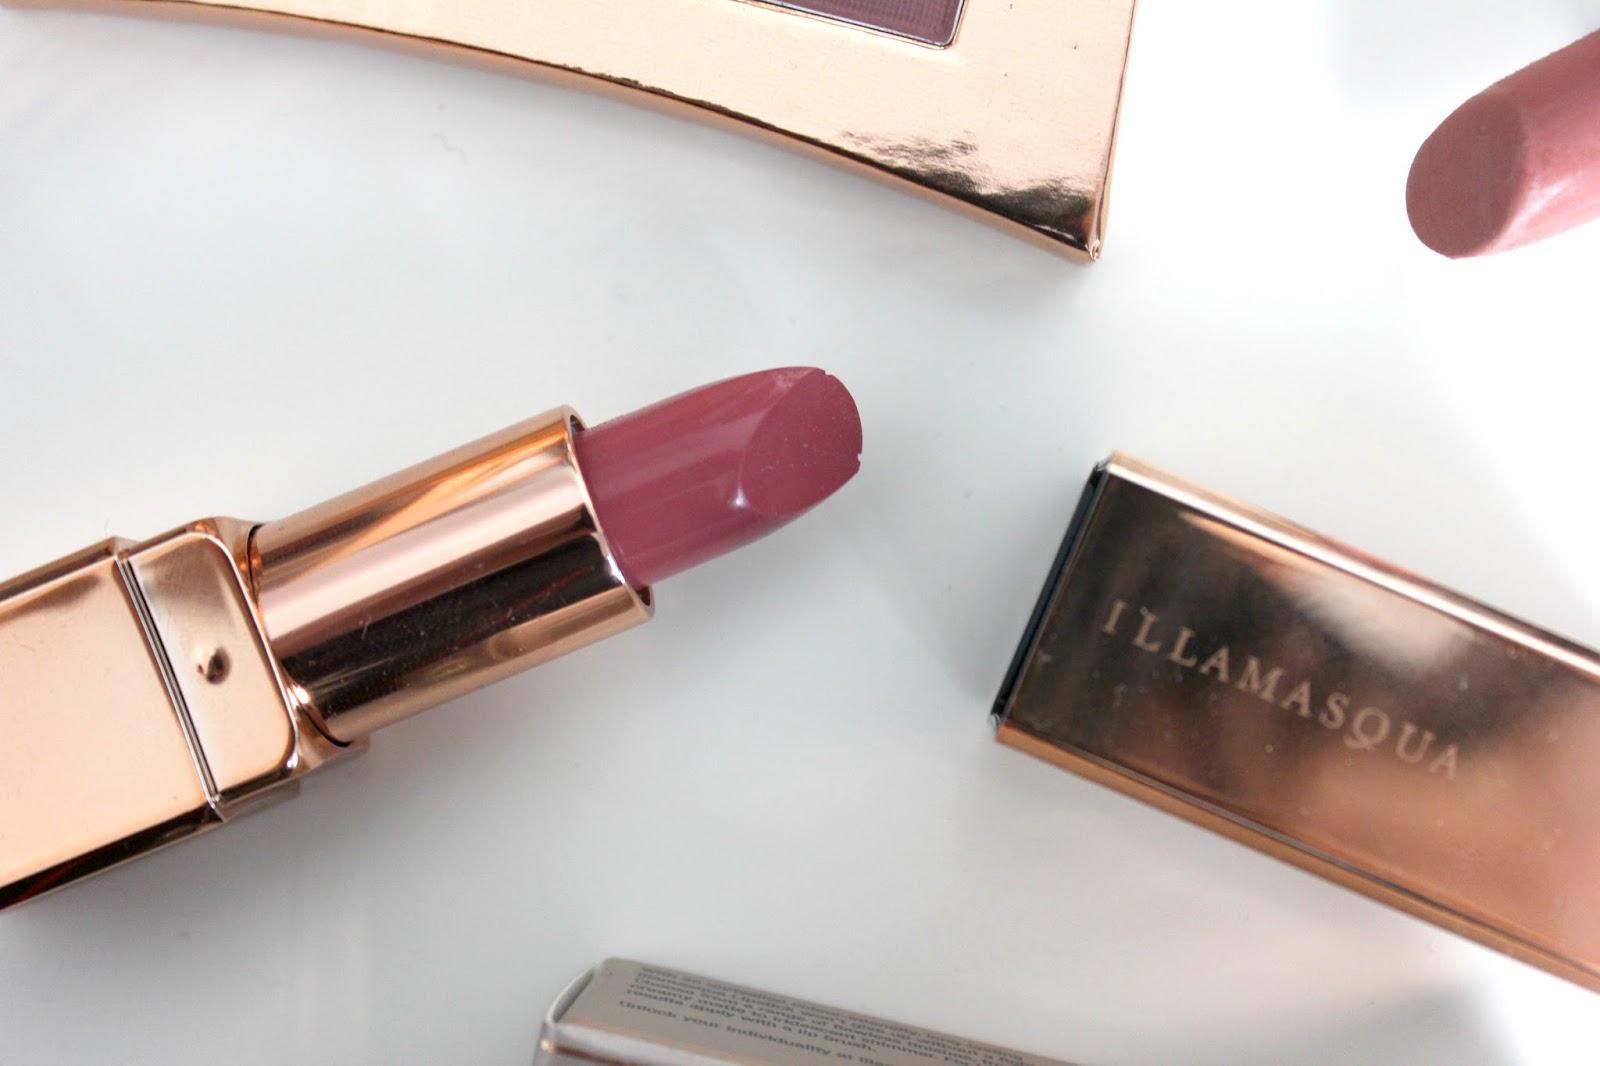 ผลการค้นหารูปภาพสำหรับ illamasqua Vanitas Lipstick